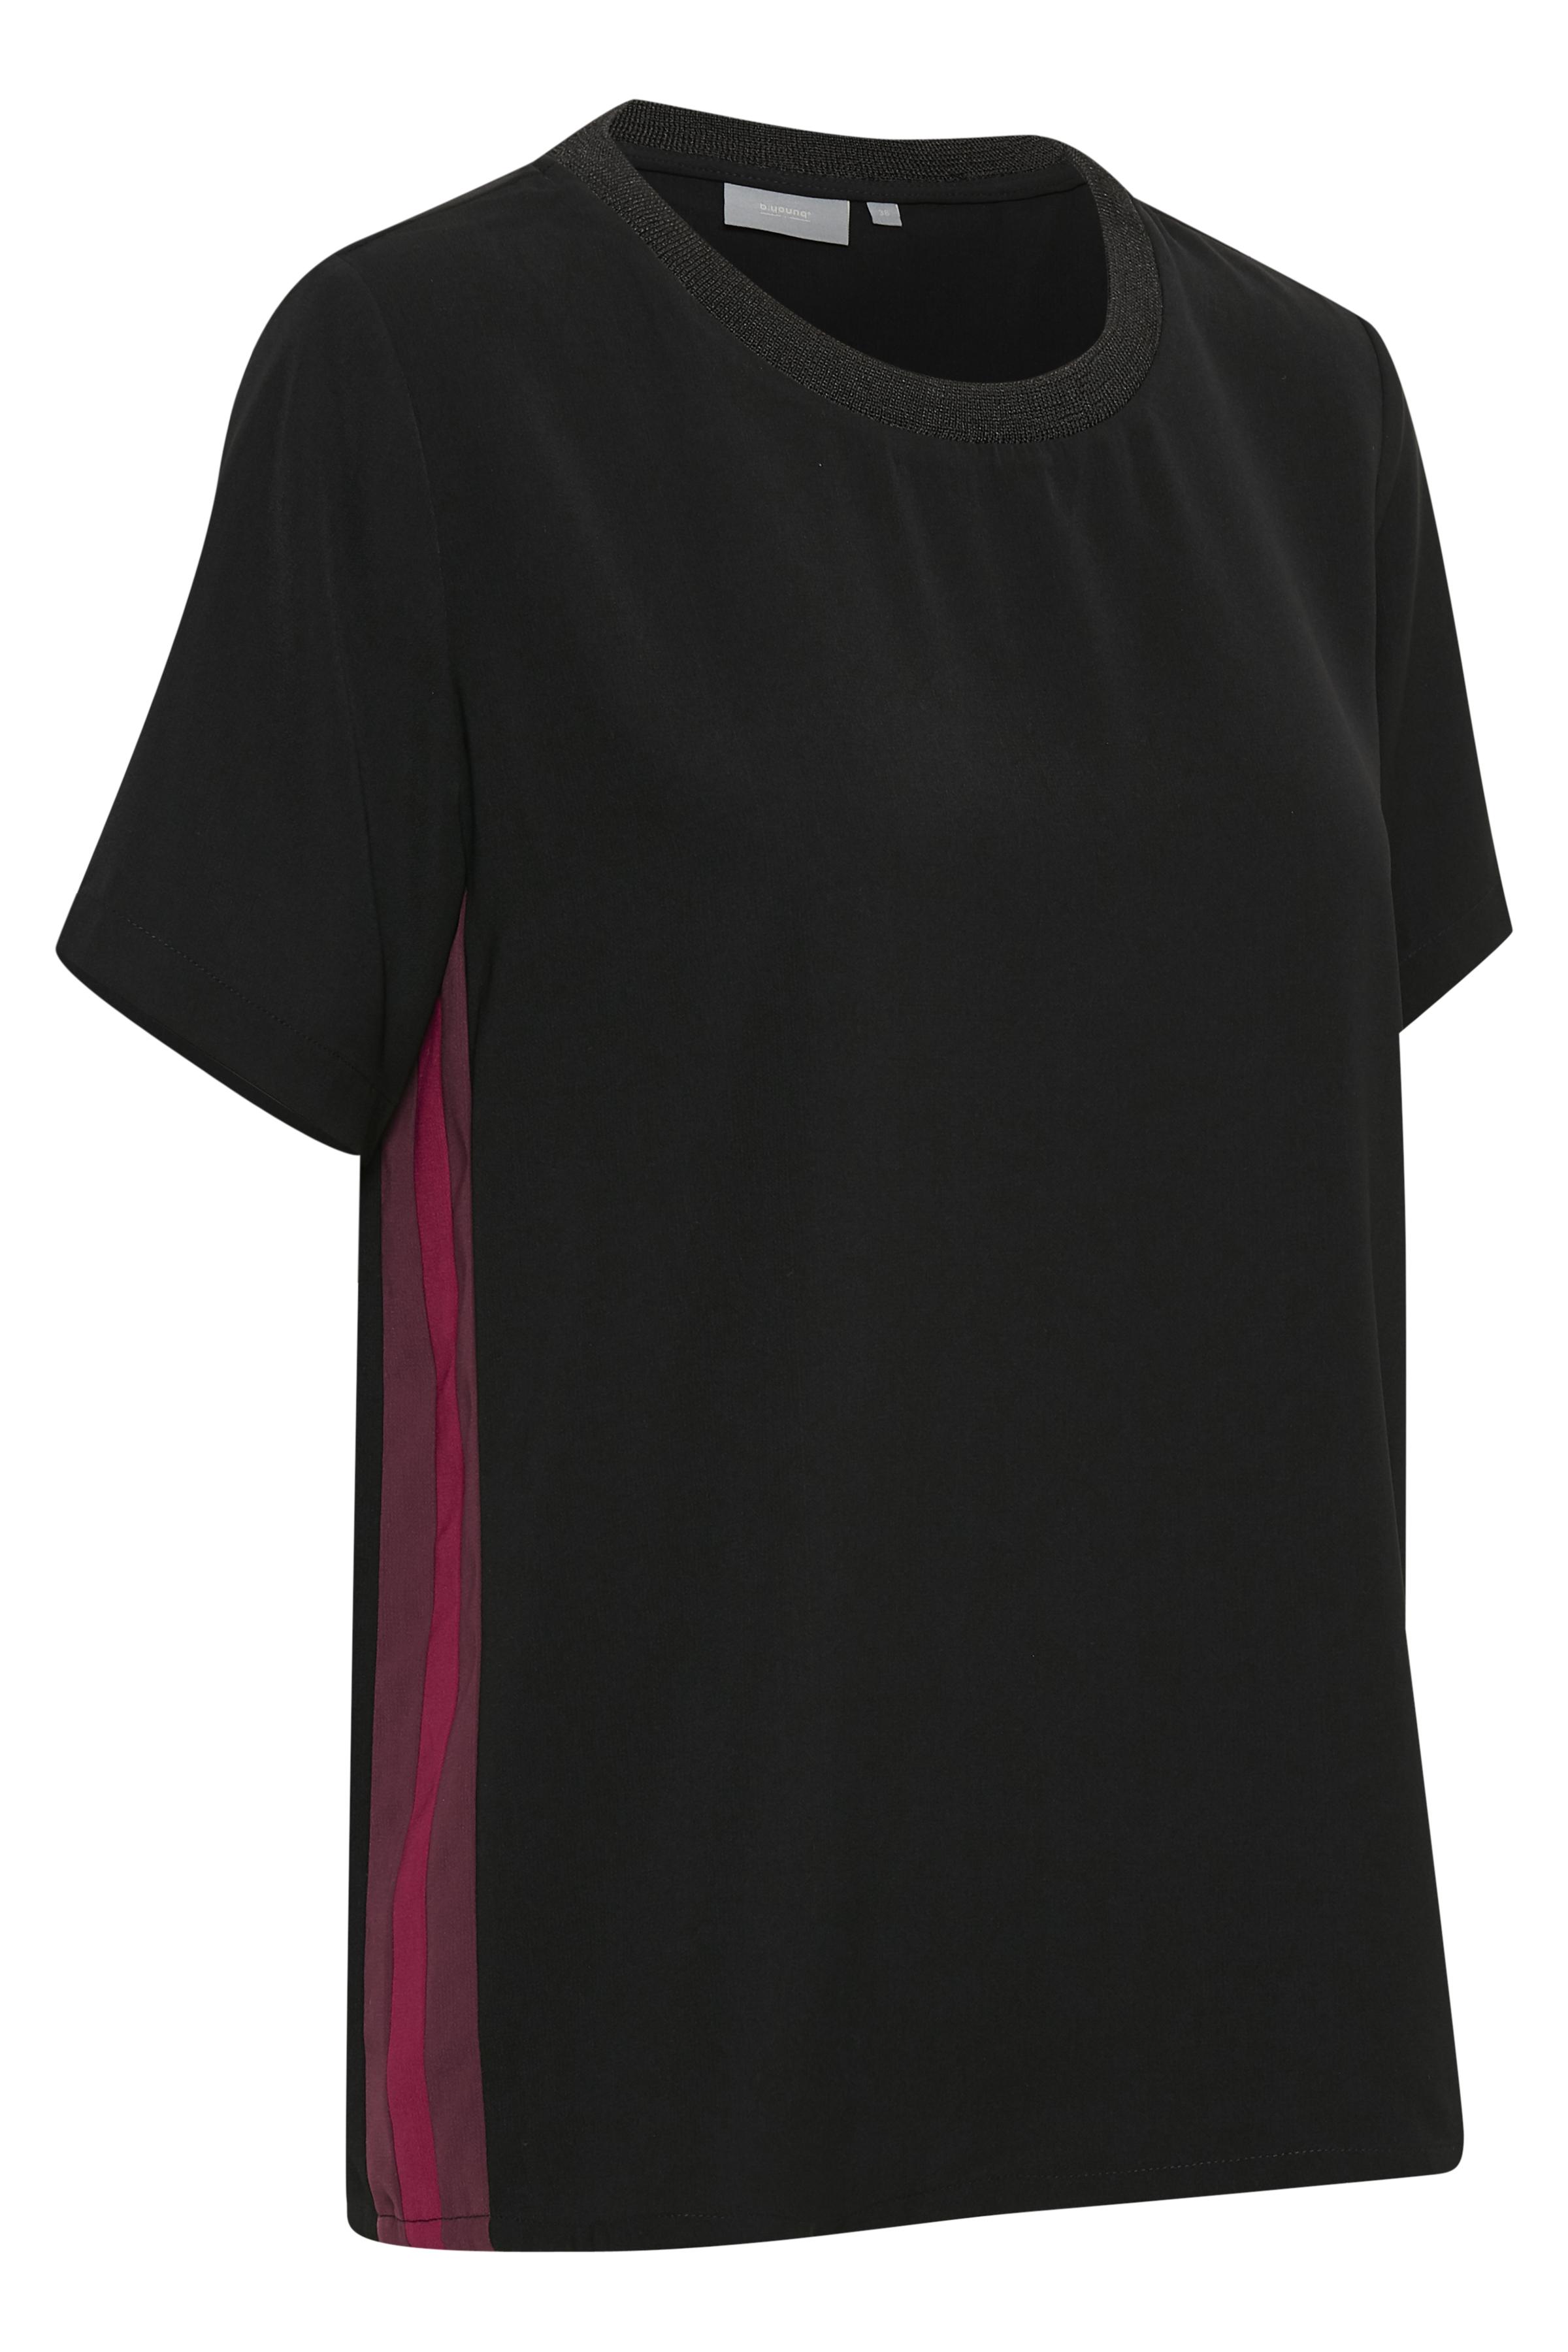 Black combi Kurzarm-Bluse von b.young – Kaufen Sie Black combi Kurzarm-Bluse aus Größe 36-46 hier